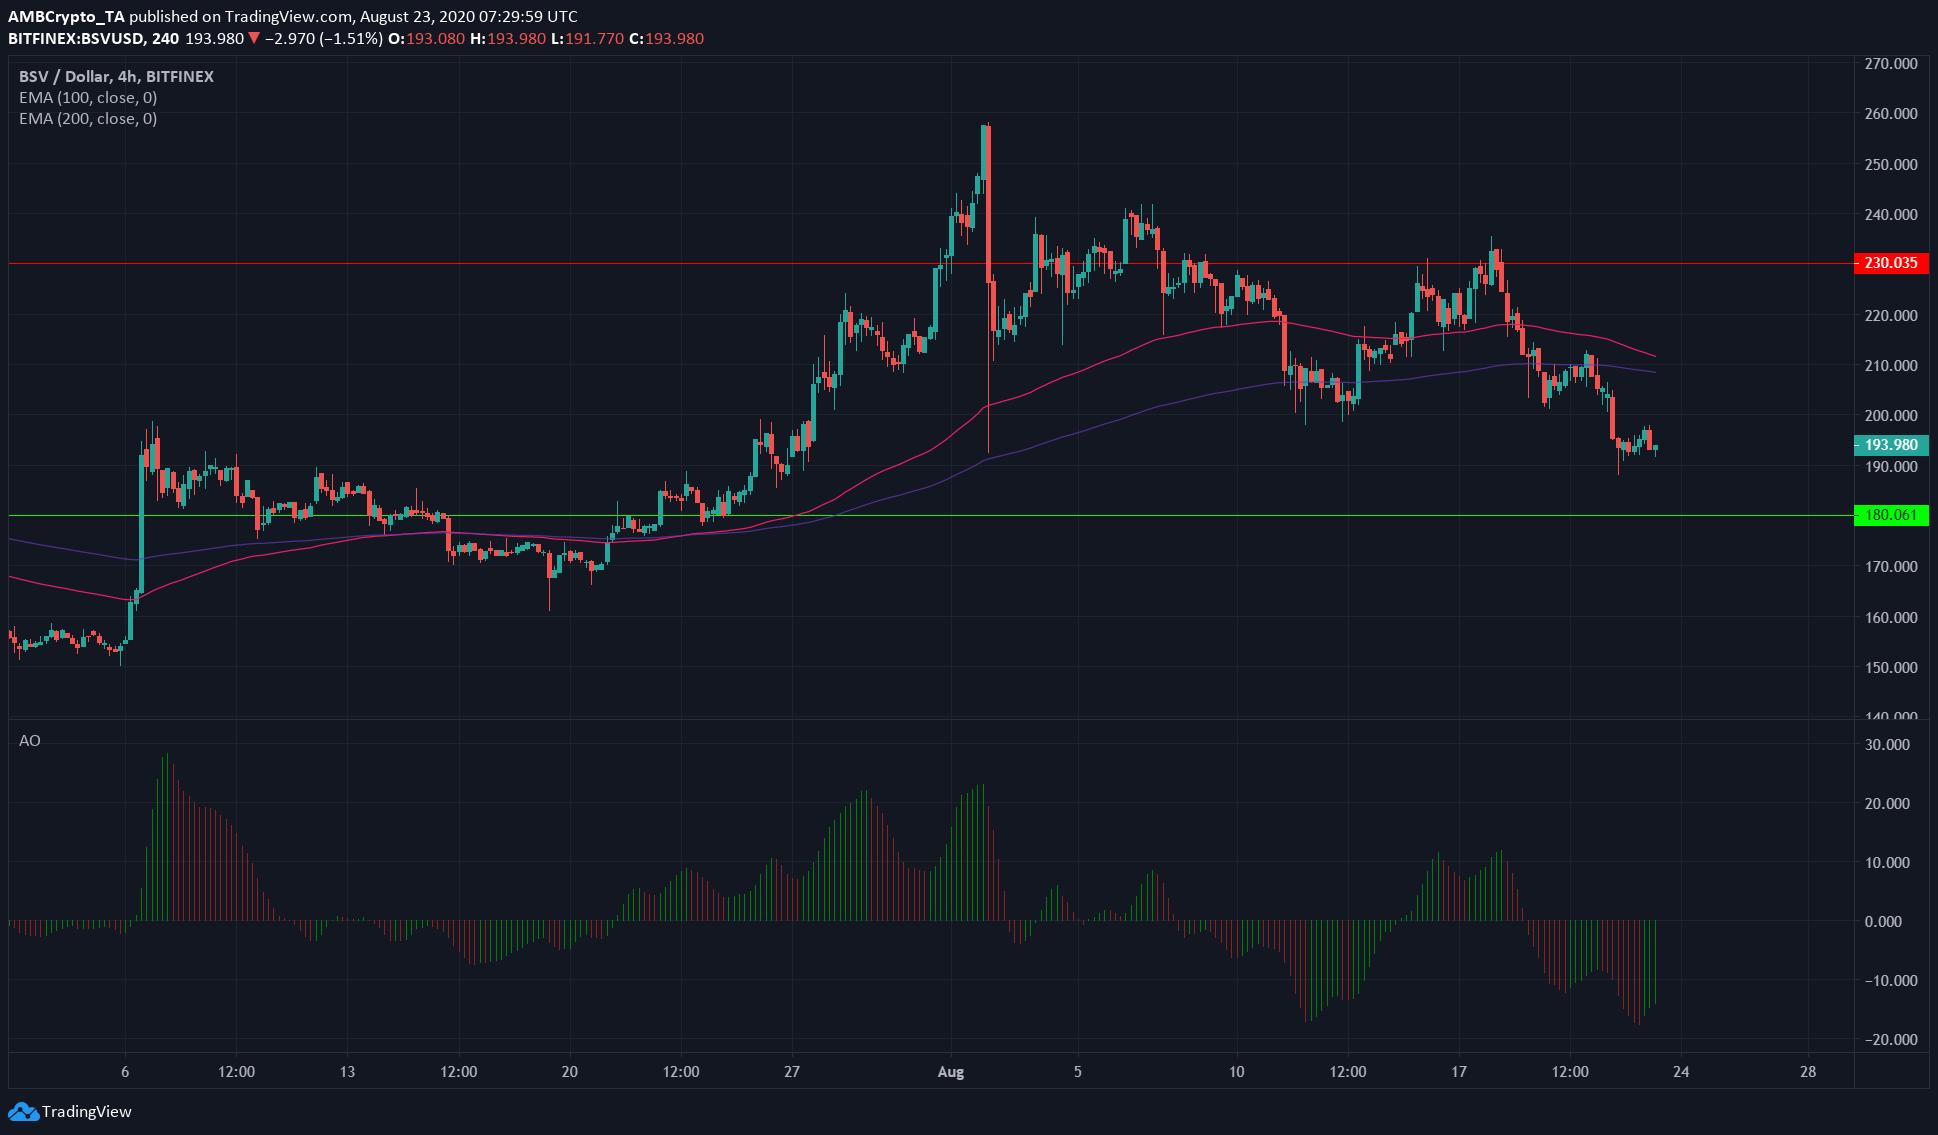 Decred, Stellar Lumens, Bitcoin SV Price Analysis: 23 August